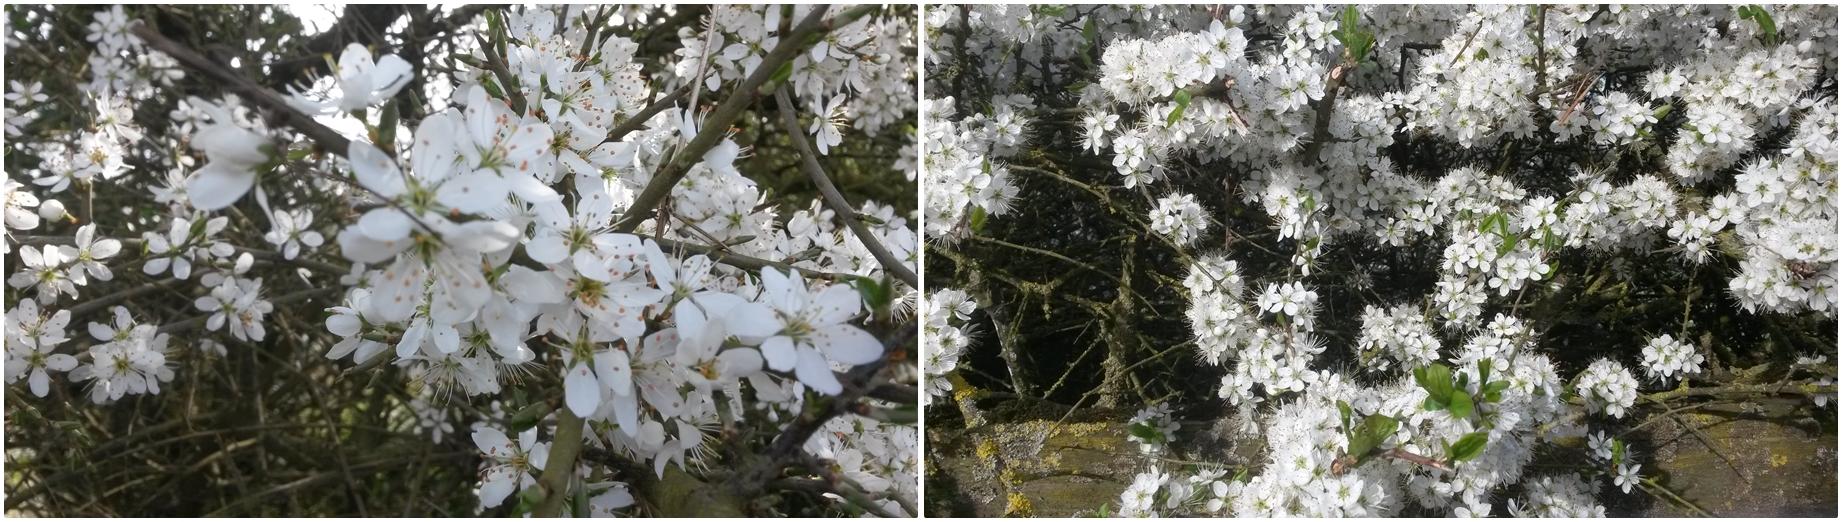 Spring Blossom © essentially-england.com